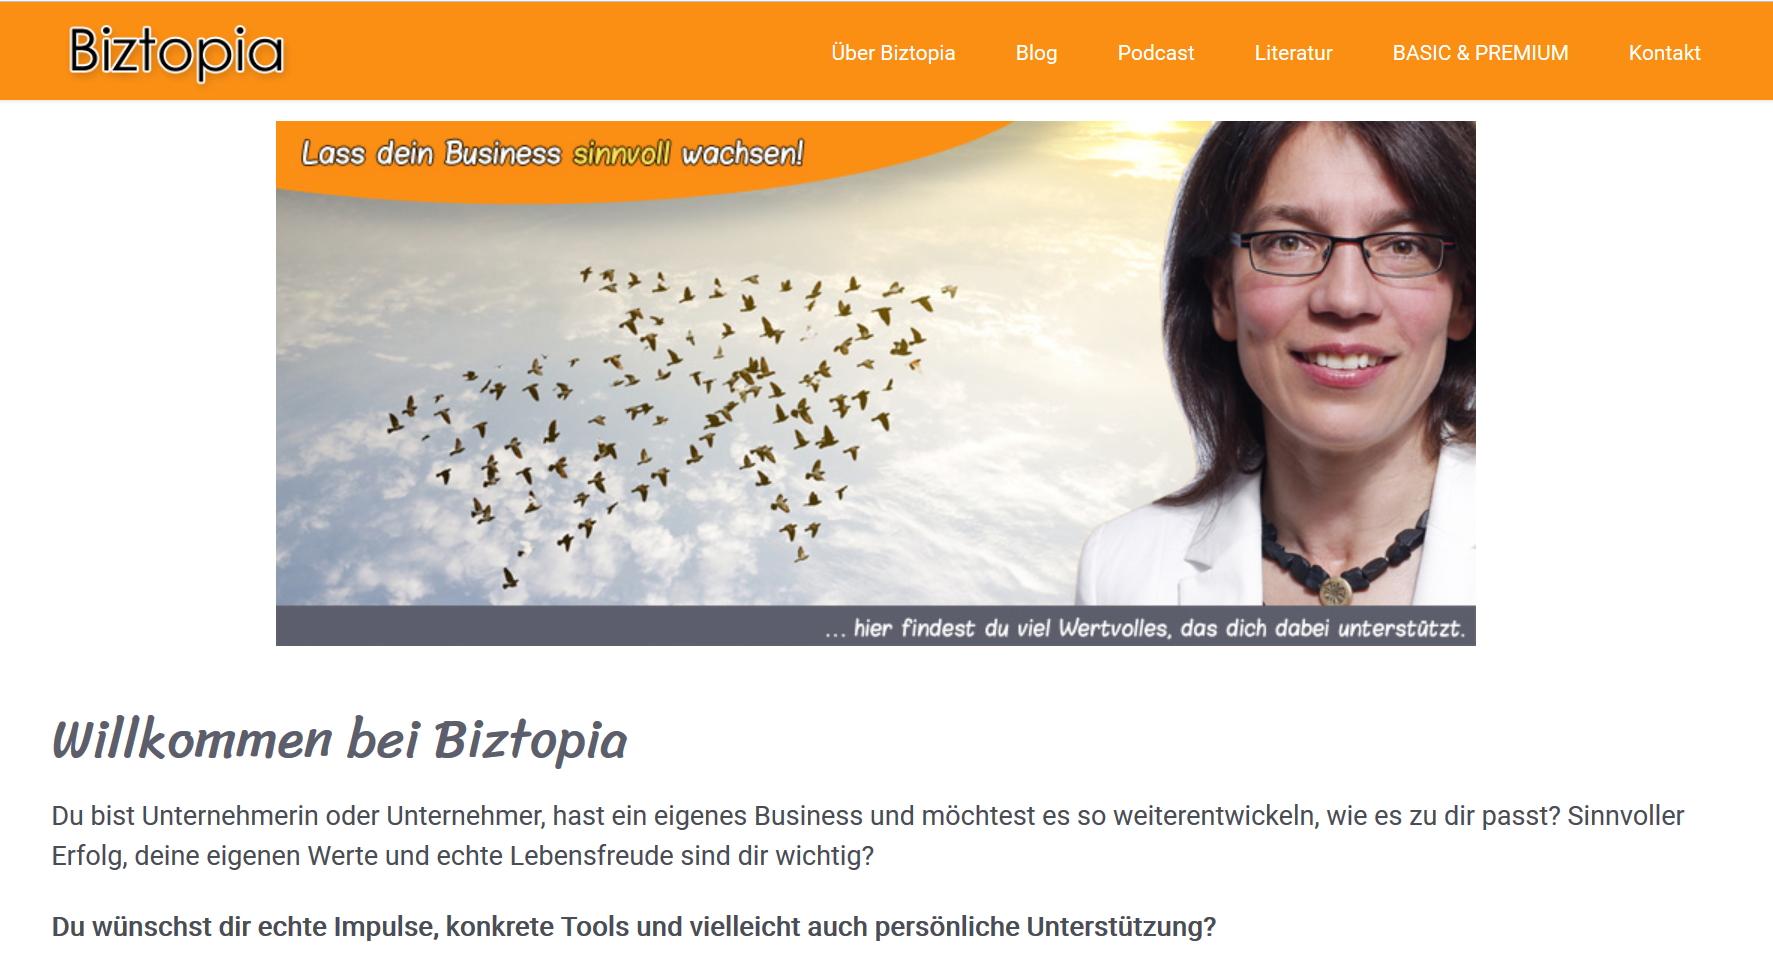 Mein neues Online-Angebot: Biztopia unterstützt Unternehmer, Freiberufler und Solopreneure beim sinnvollen Wachstum 2